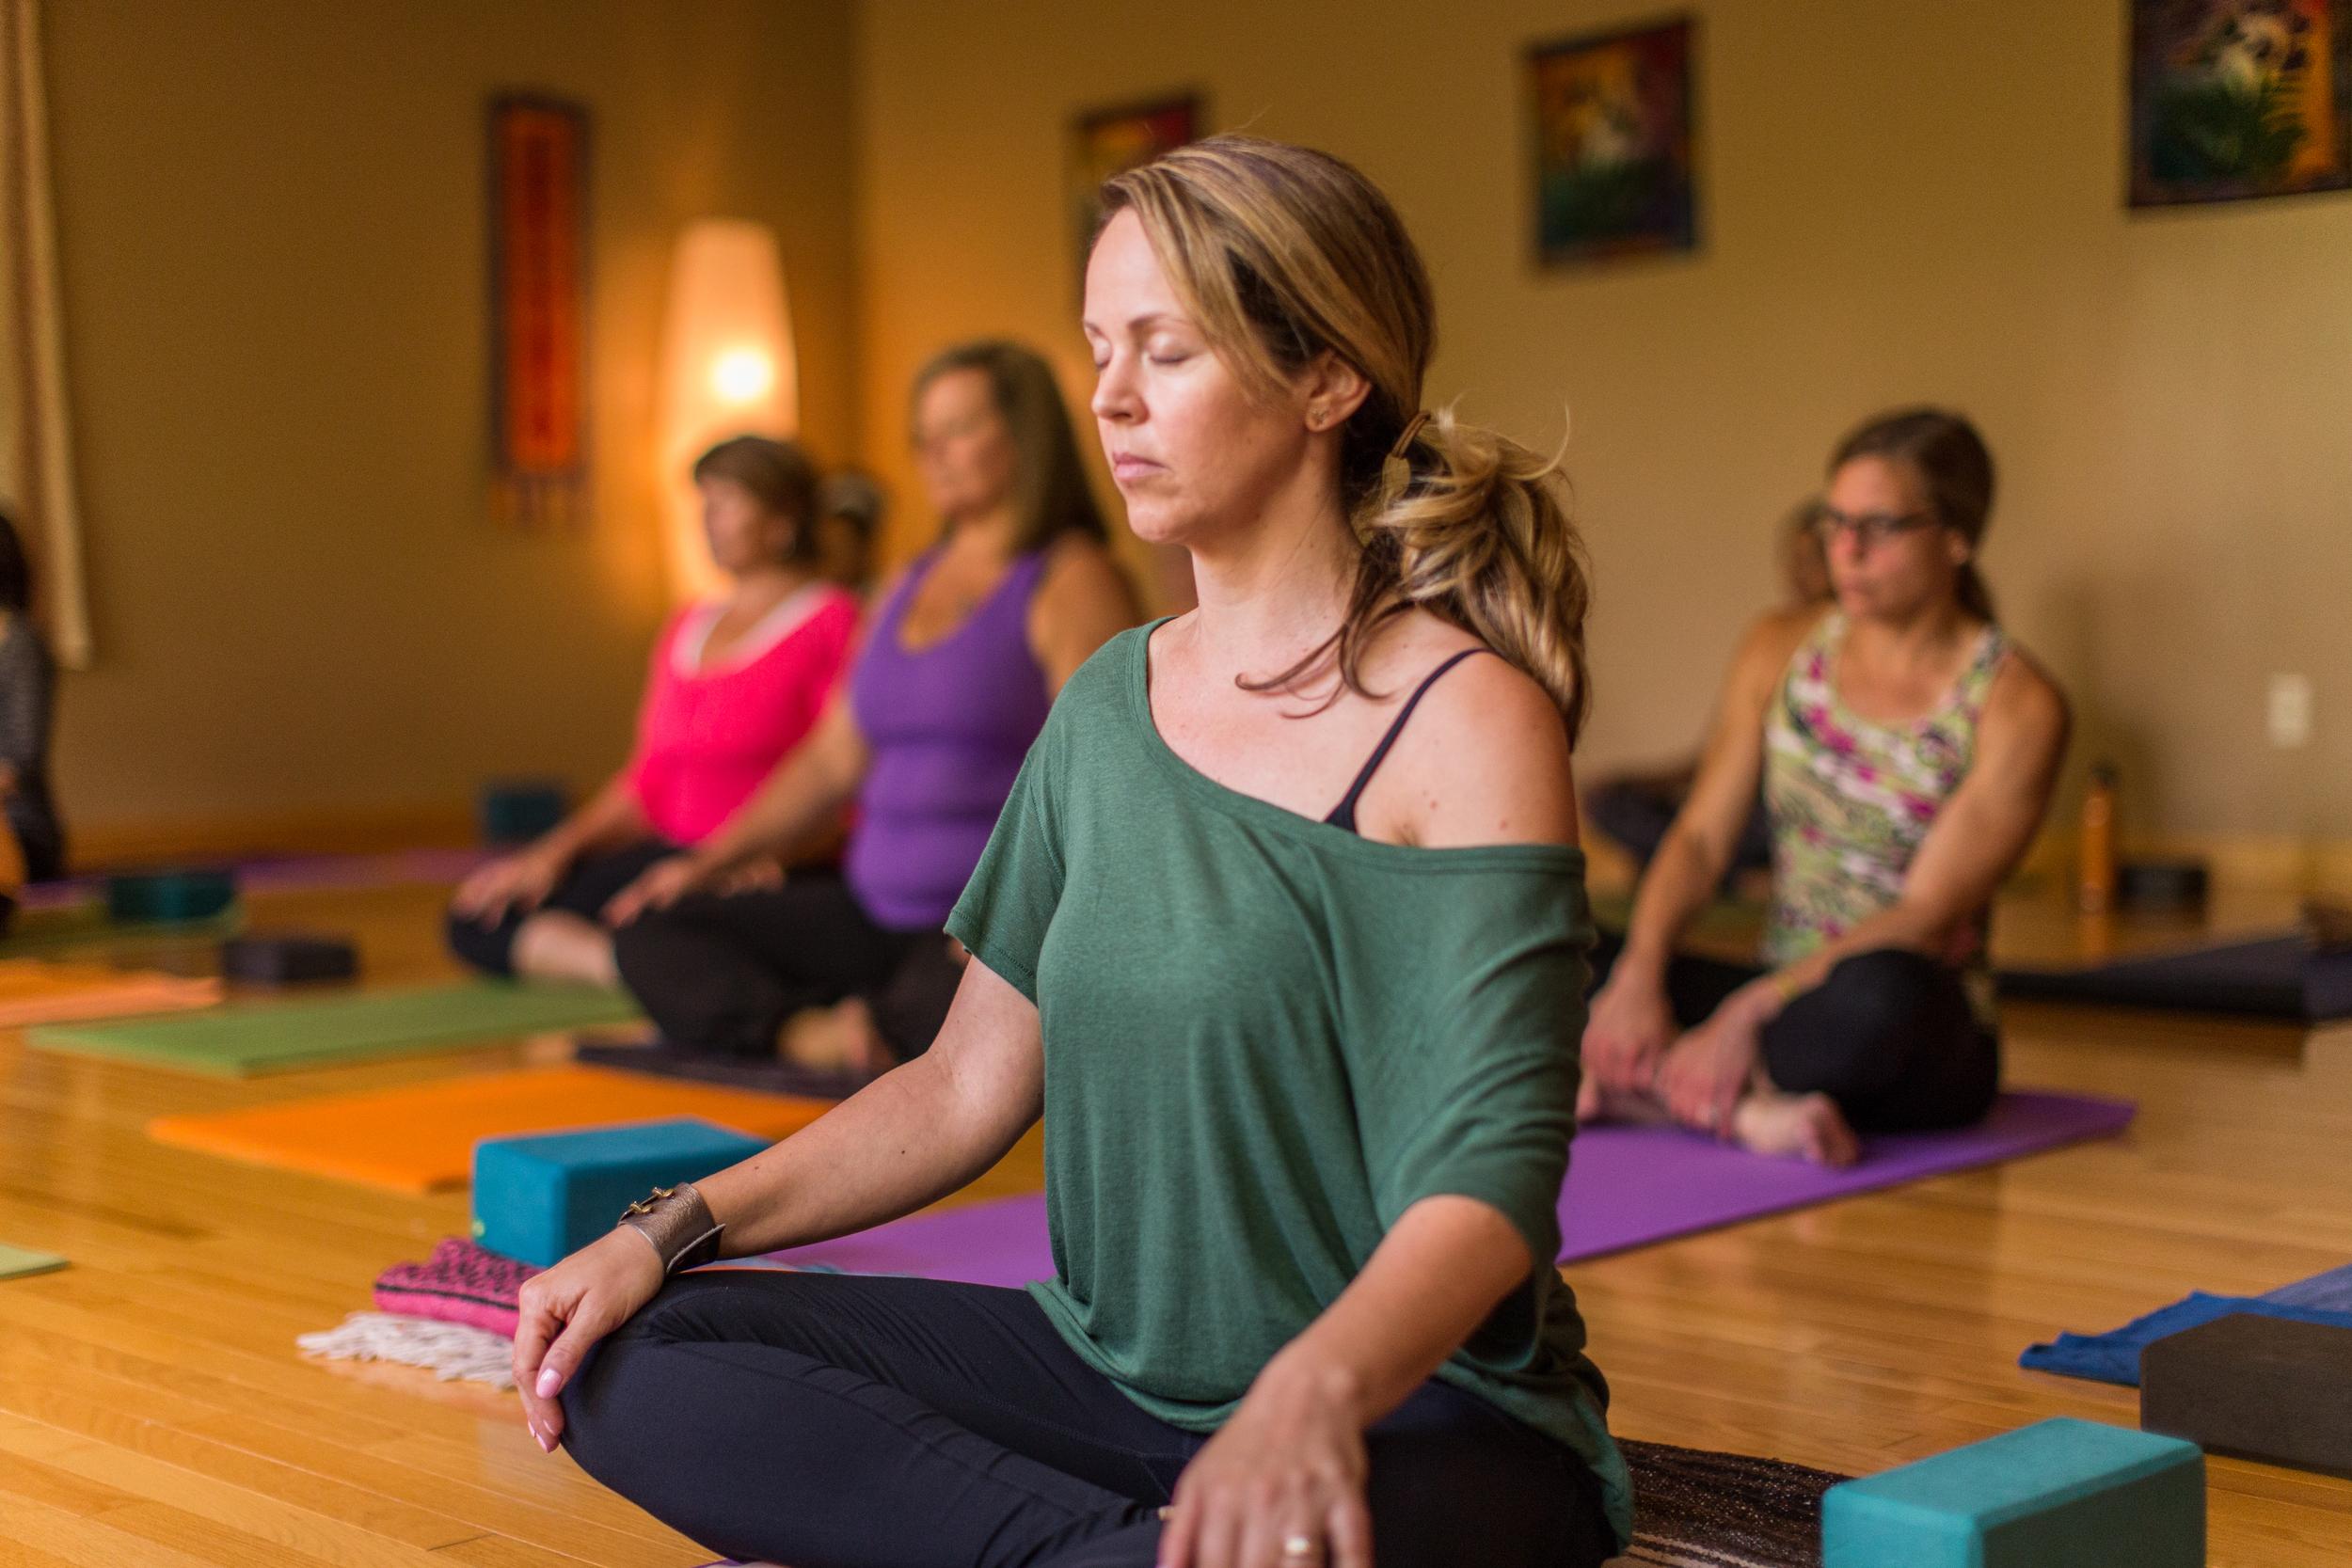 lakeville-center-yoga-wellness-healing.JPG